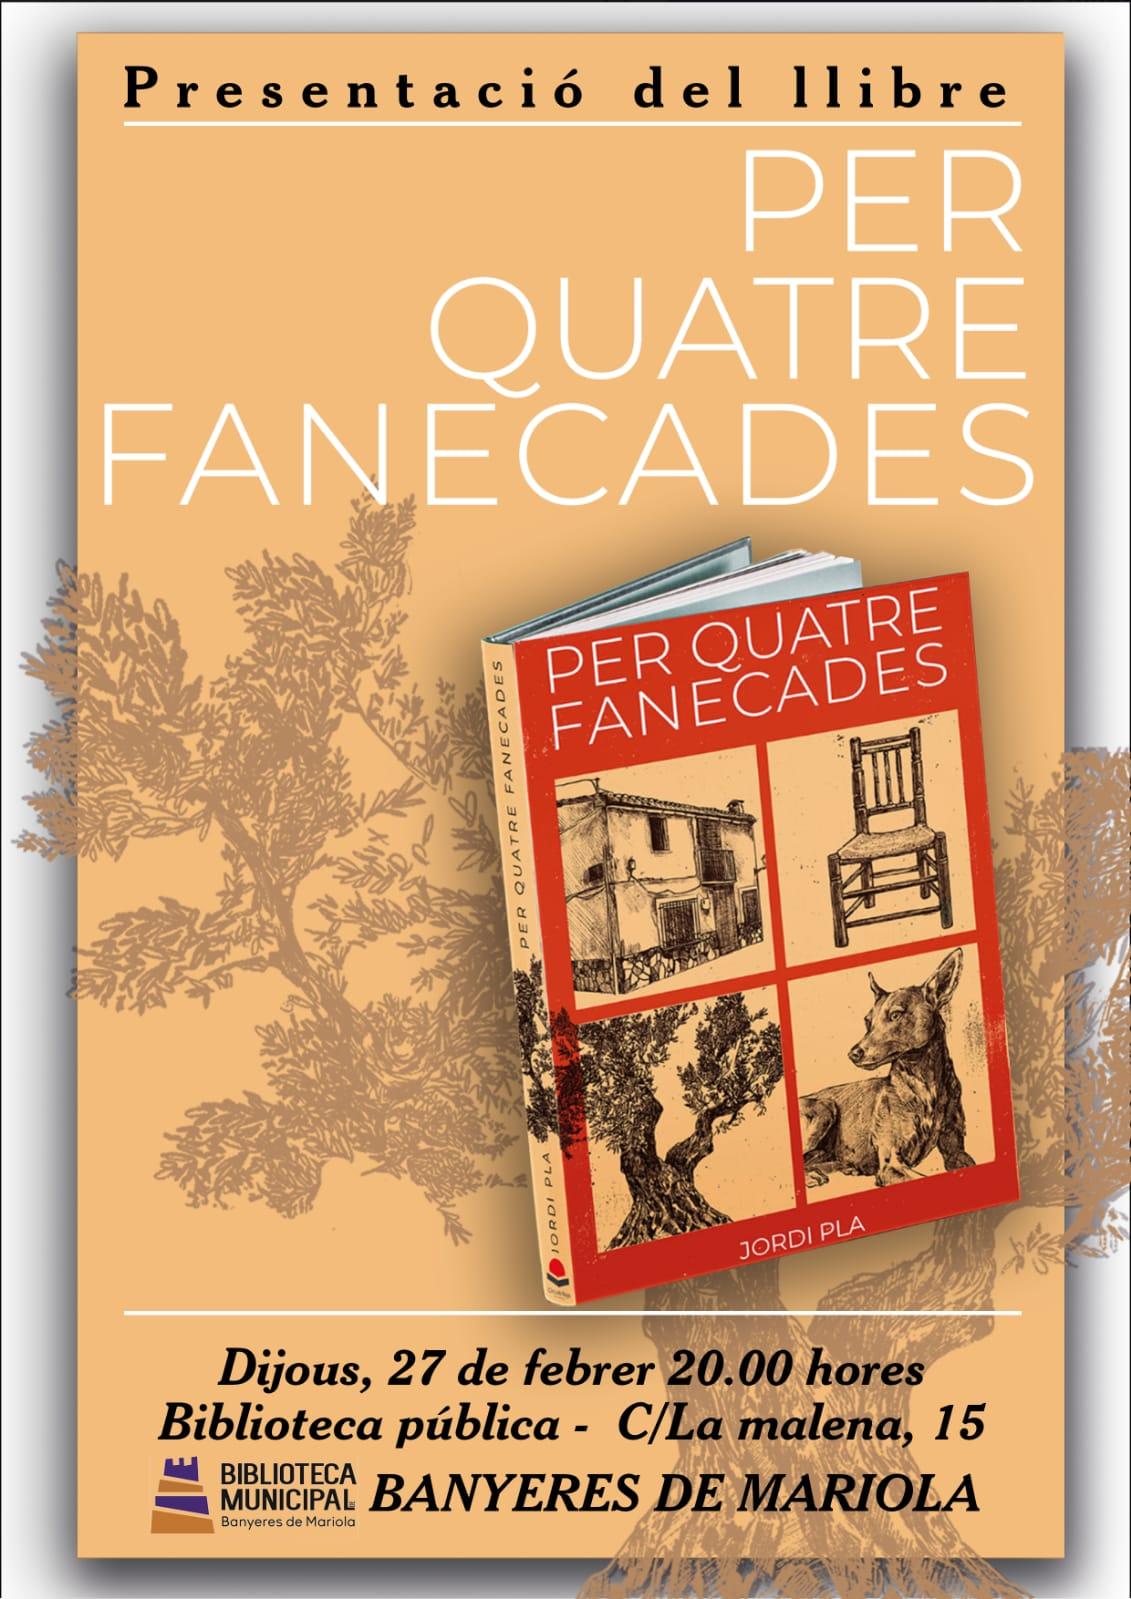 Presentación del libro 'Per quatre fanecades'